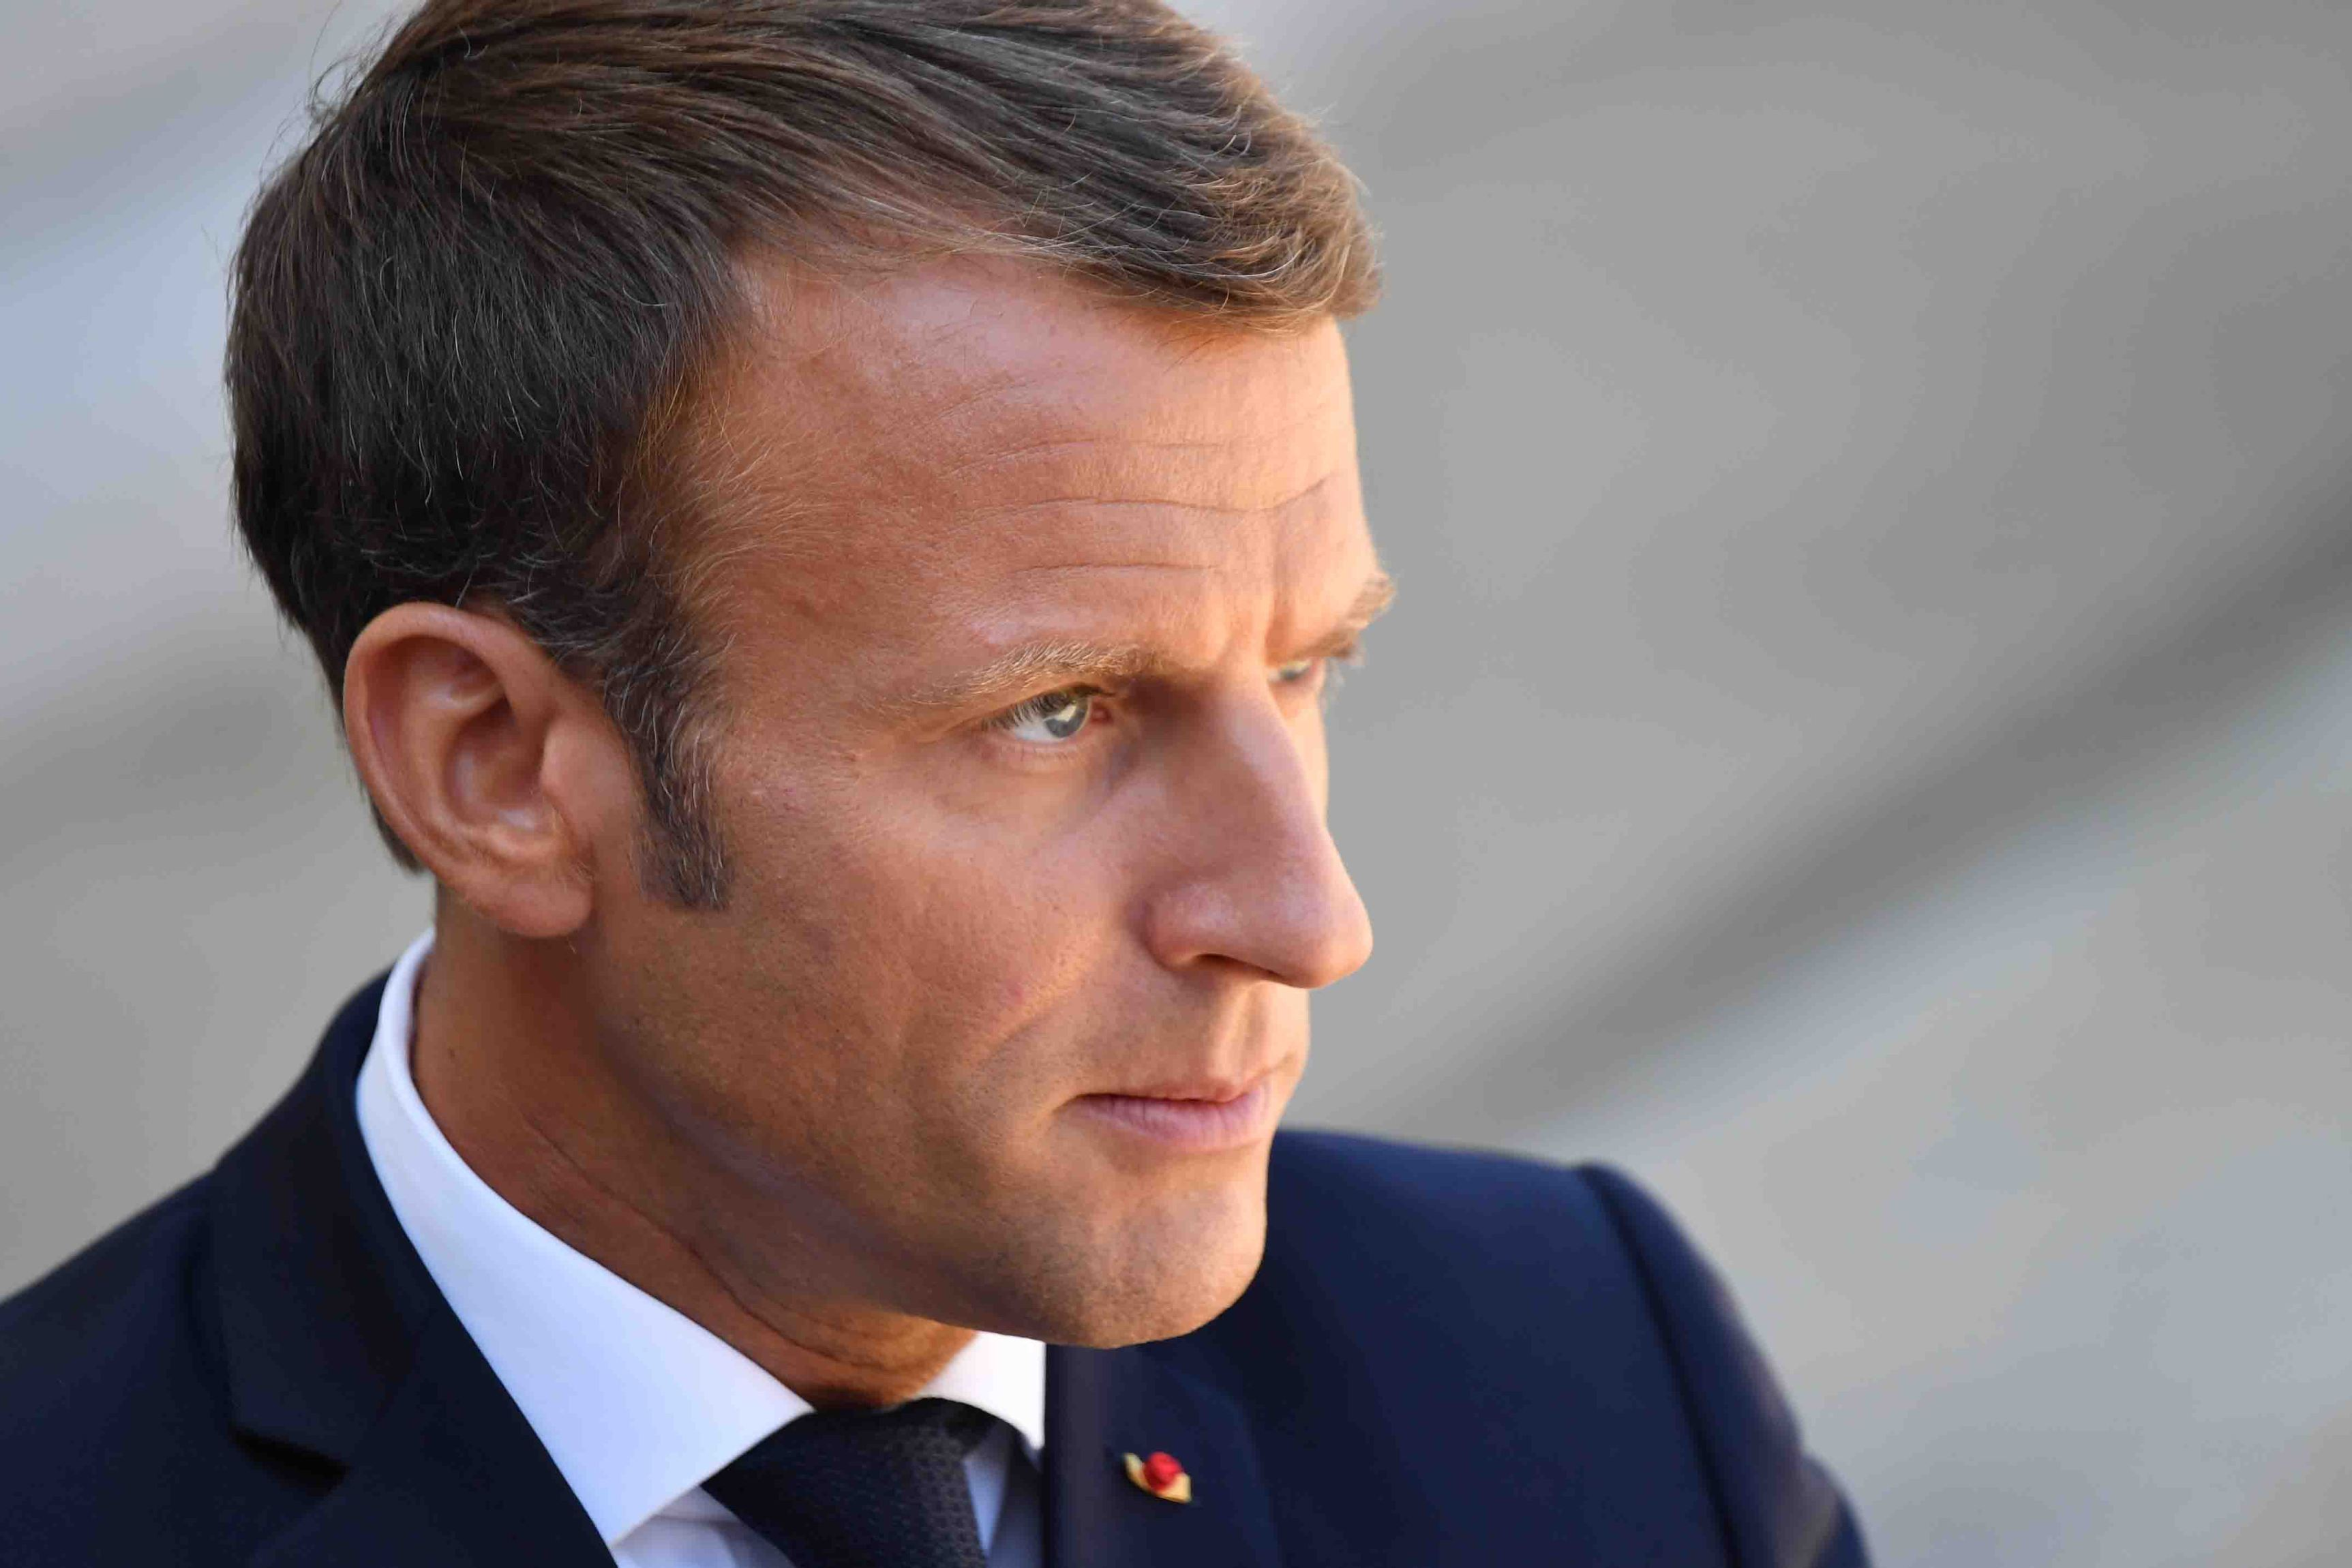 Franța închide toate școlile, cafenelele, mall-urile și unele magazine